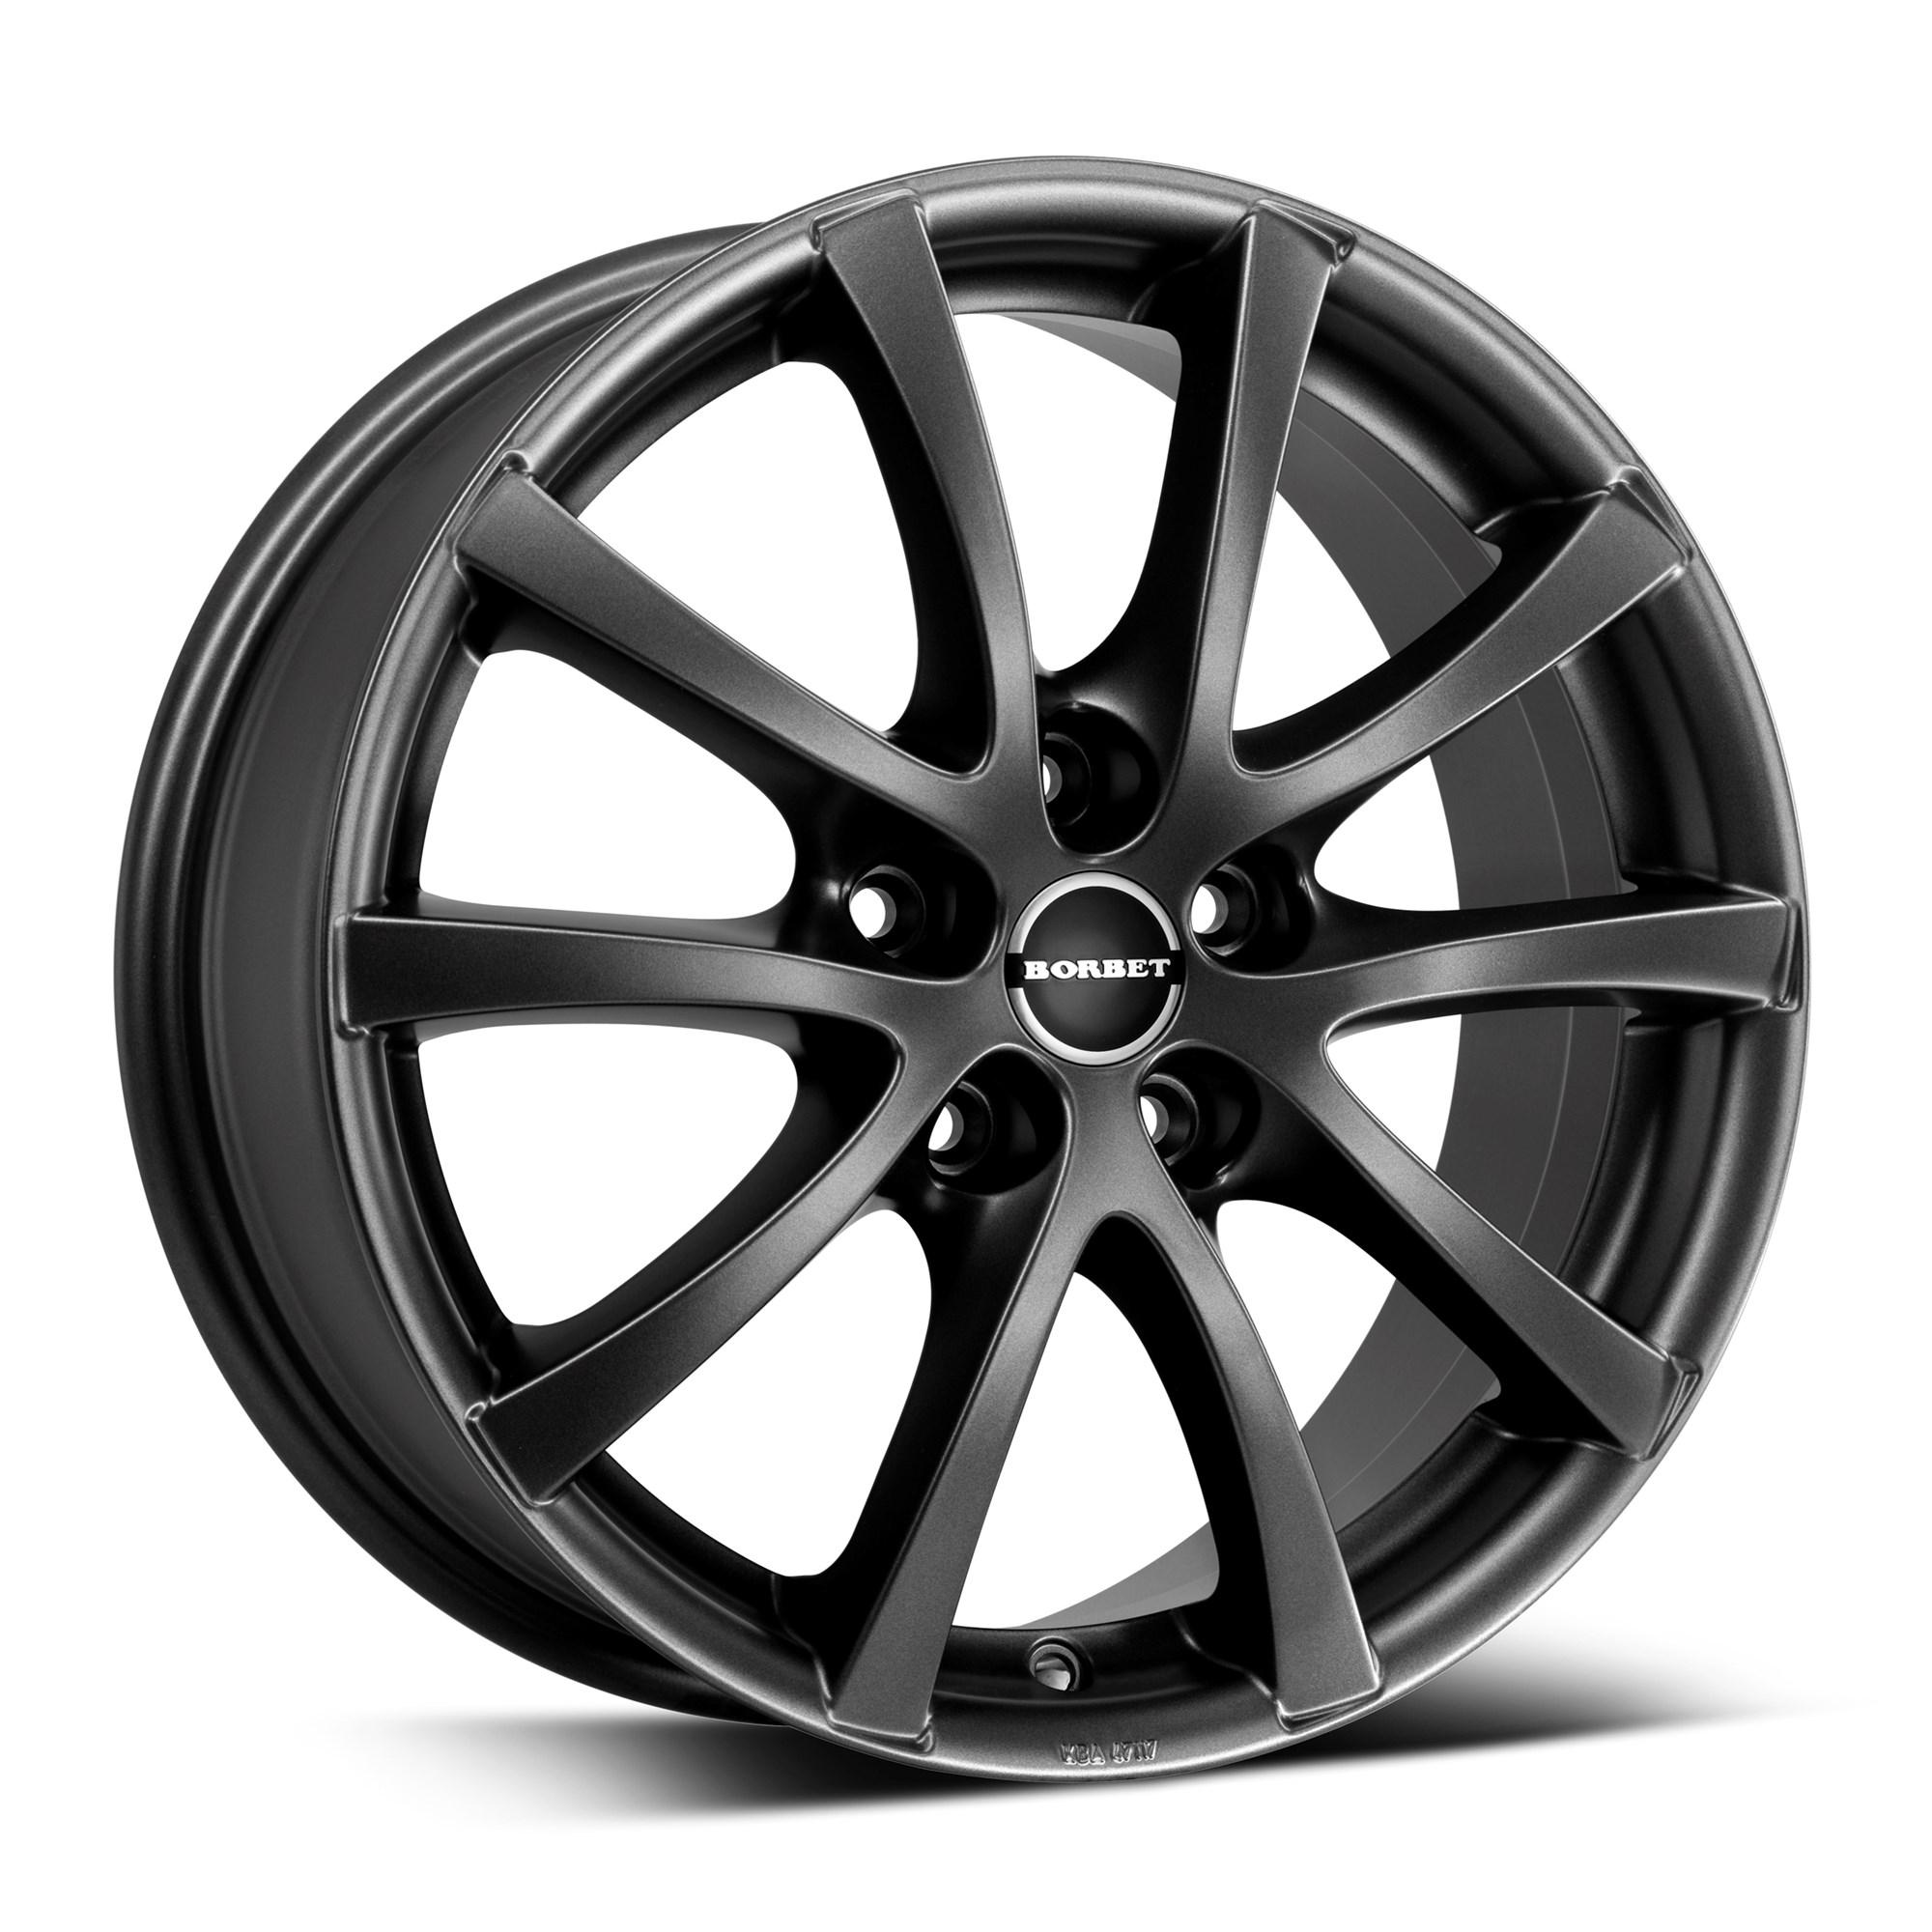 Verwonderend De beste 18 inch lichtmetalen velgen voor een Honda Civic Type-R WJ-98